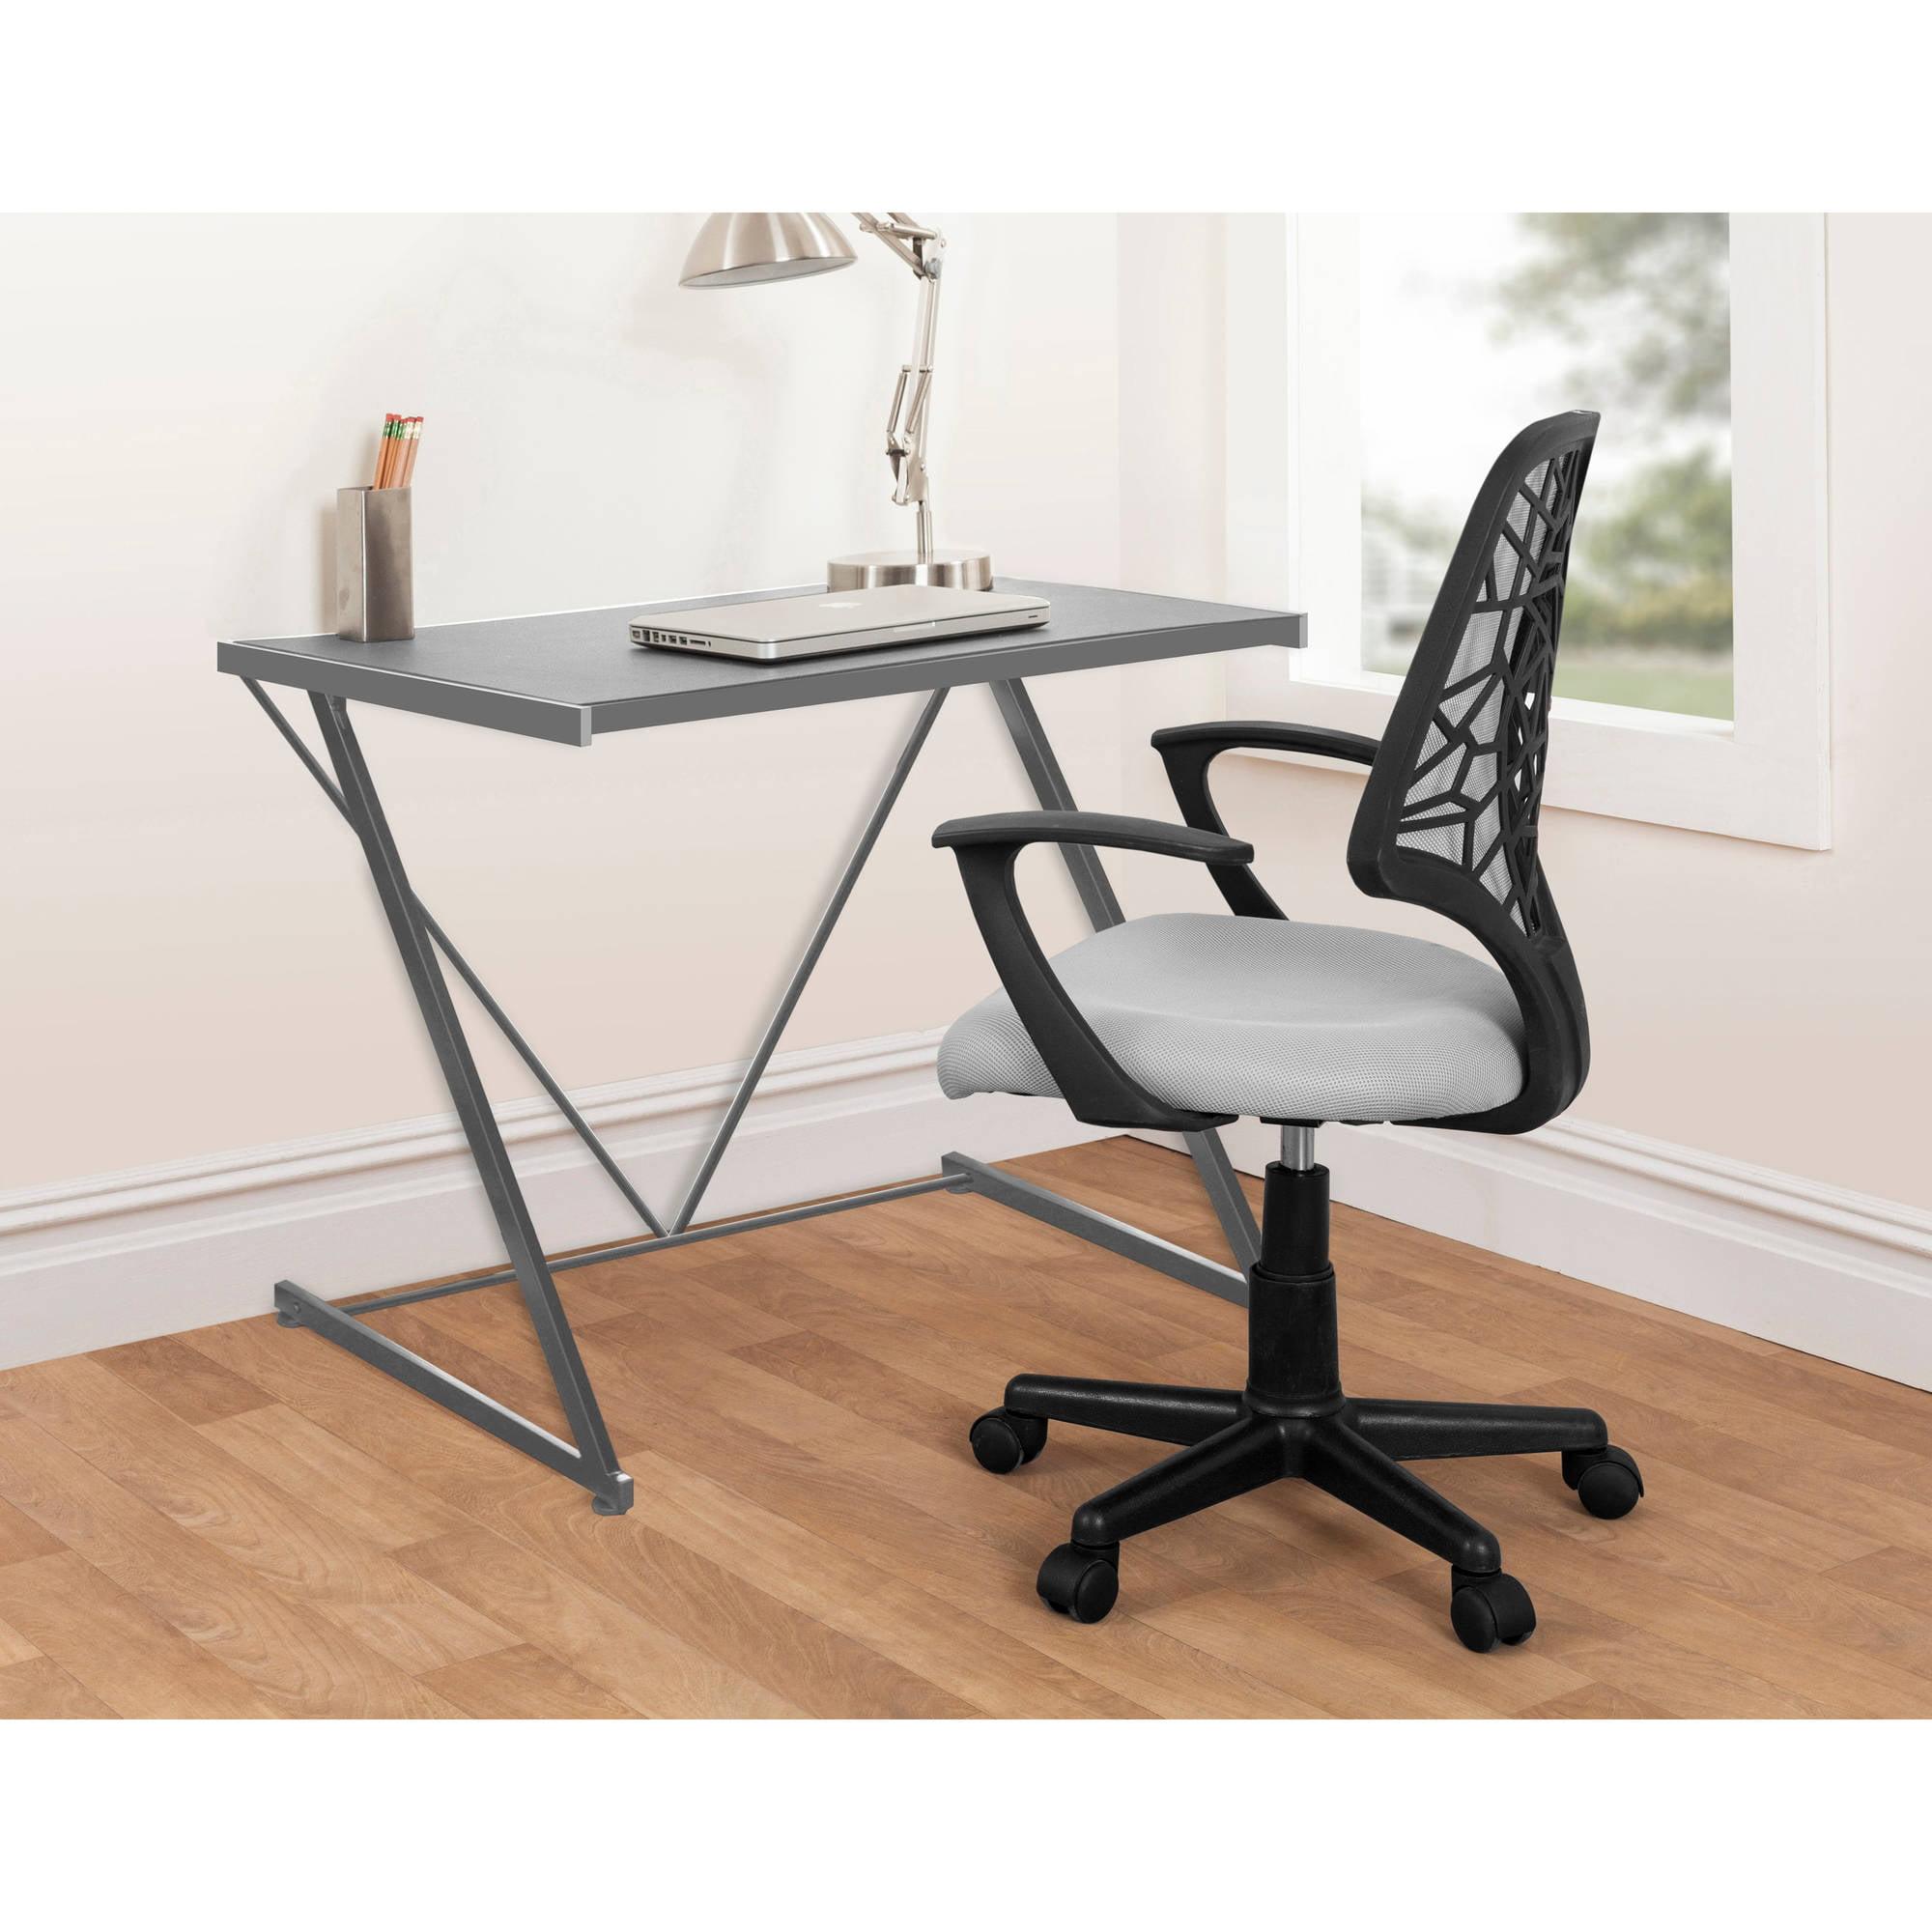 Urban Shop Z-Shaped Student Desk, Multiple Colors